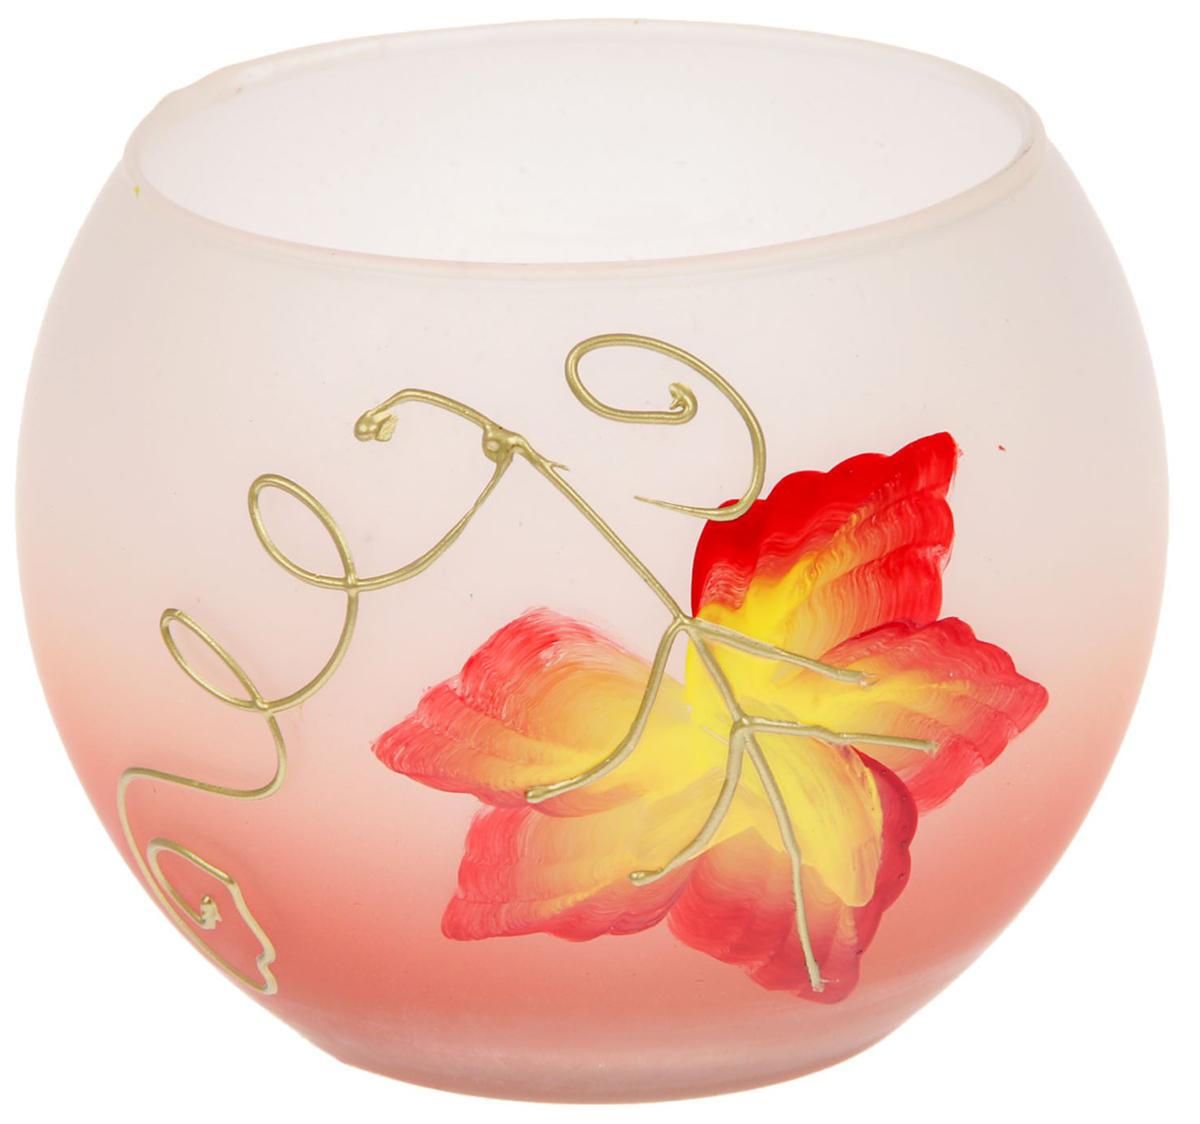 Подсвечник Кленовый лист, цвет: белый, розовый, 10,5 х 10,5 х 8,5 см1657931Современные производители в изготовлении подсвечников чаще используют цветное стекло. Стекло самое нетребовательное в уходе, изделие из него достаточно промыть в теплой воде с добавлением моющего средства. Стеклянный подсвечник чаще имеет форму стакана, используют его для размещения греющей свечи. Только не забудьте налить на дно пару столовых ложек воды, чтобы металлическая основа свечи не касалась стекла, иначе оно лопнет от перегрева.